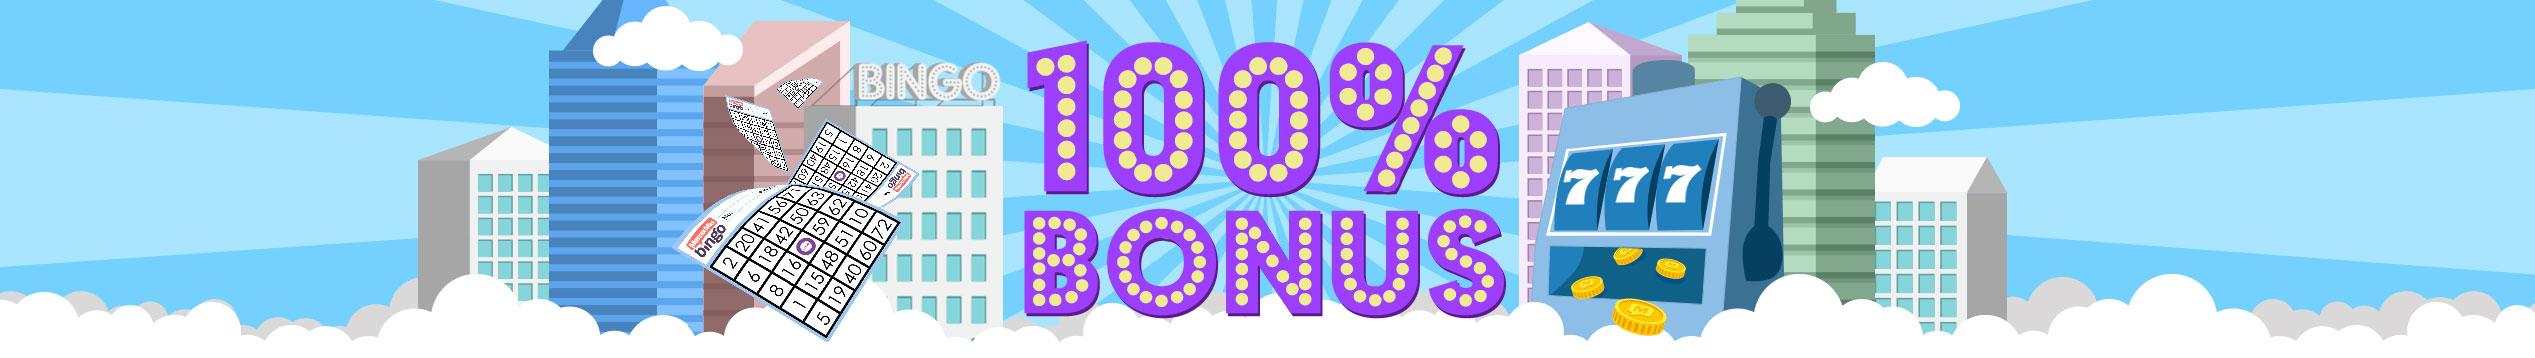 Flera hundra kronor bonus i välkomstgåva